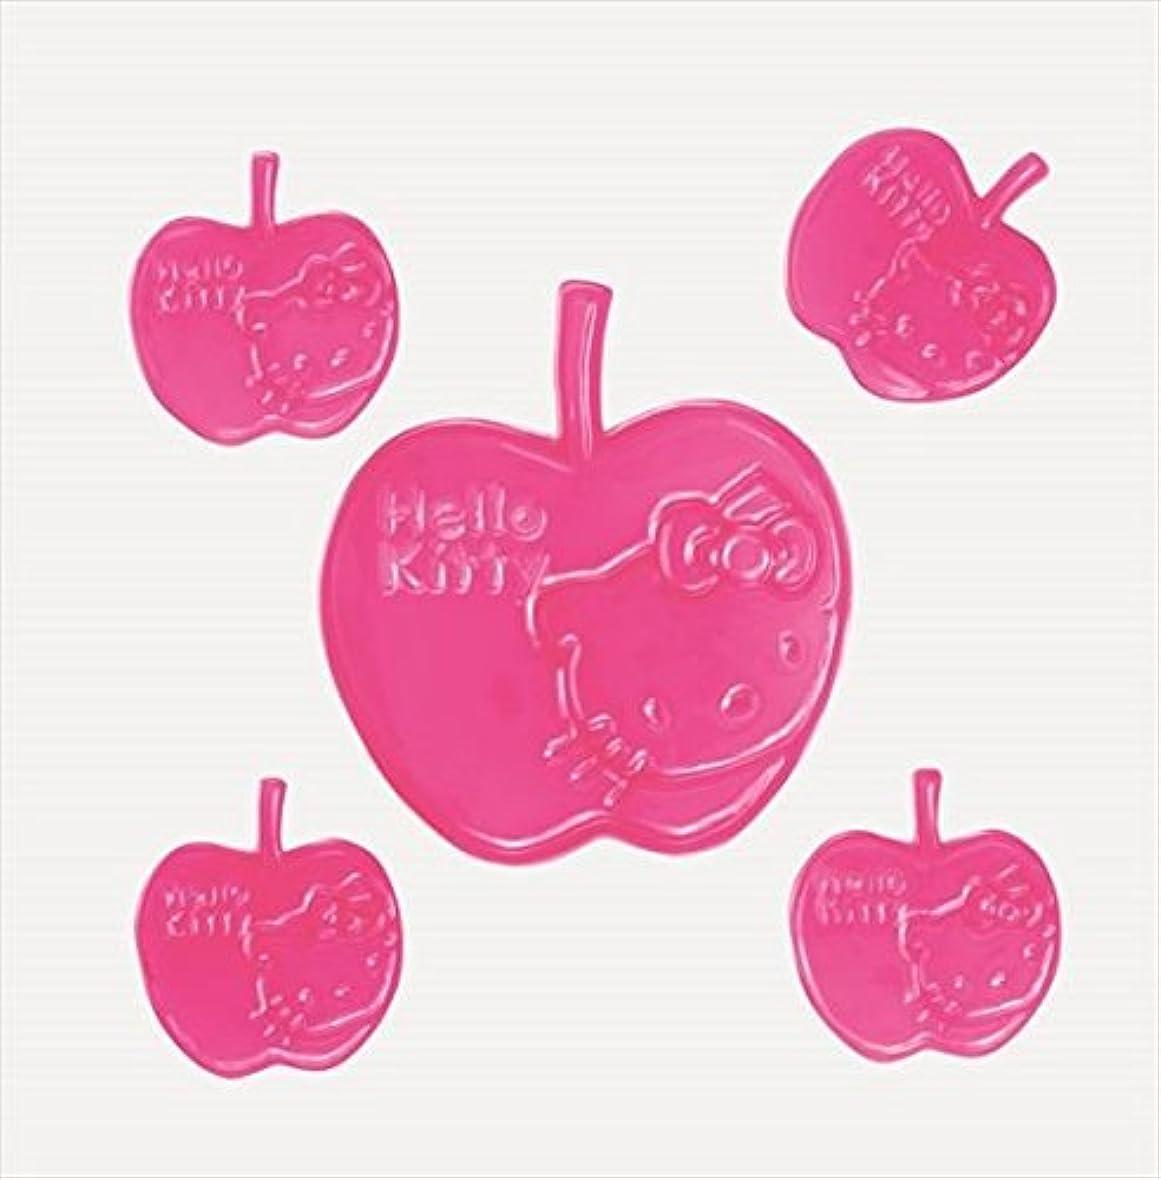 一時解雇するダース仕事GelGems(ジェルジェム) ジェルジェムハローキティバッグS 「 ピンクリンゴ 」 E1200002 キャンドル 200x255x5mm (E1200002)